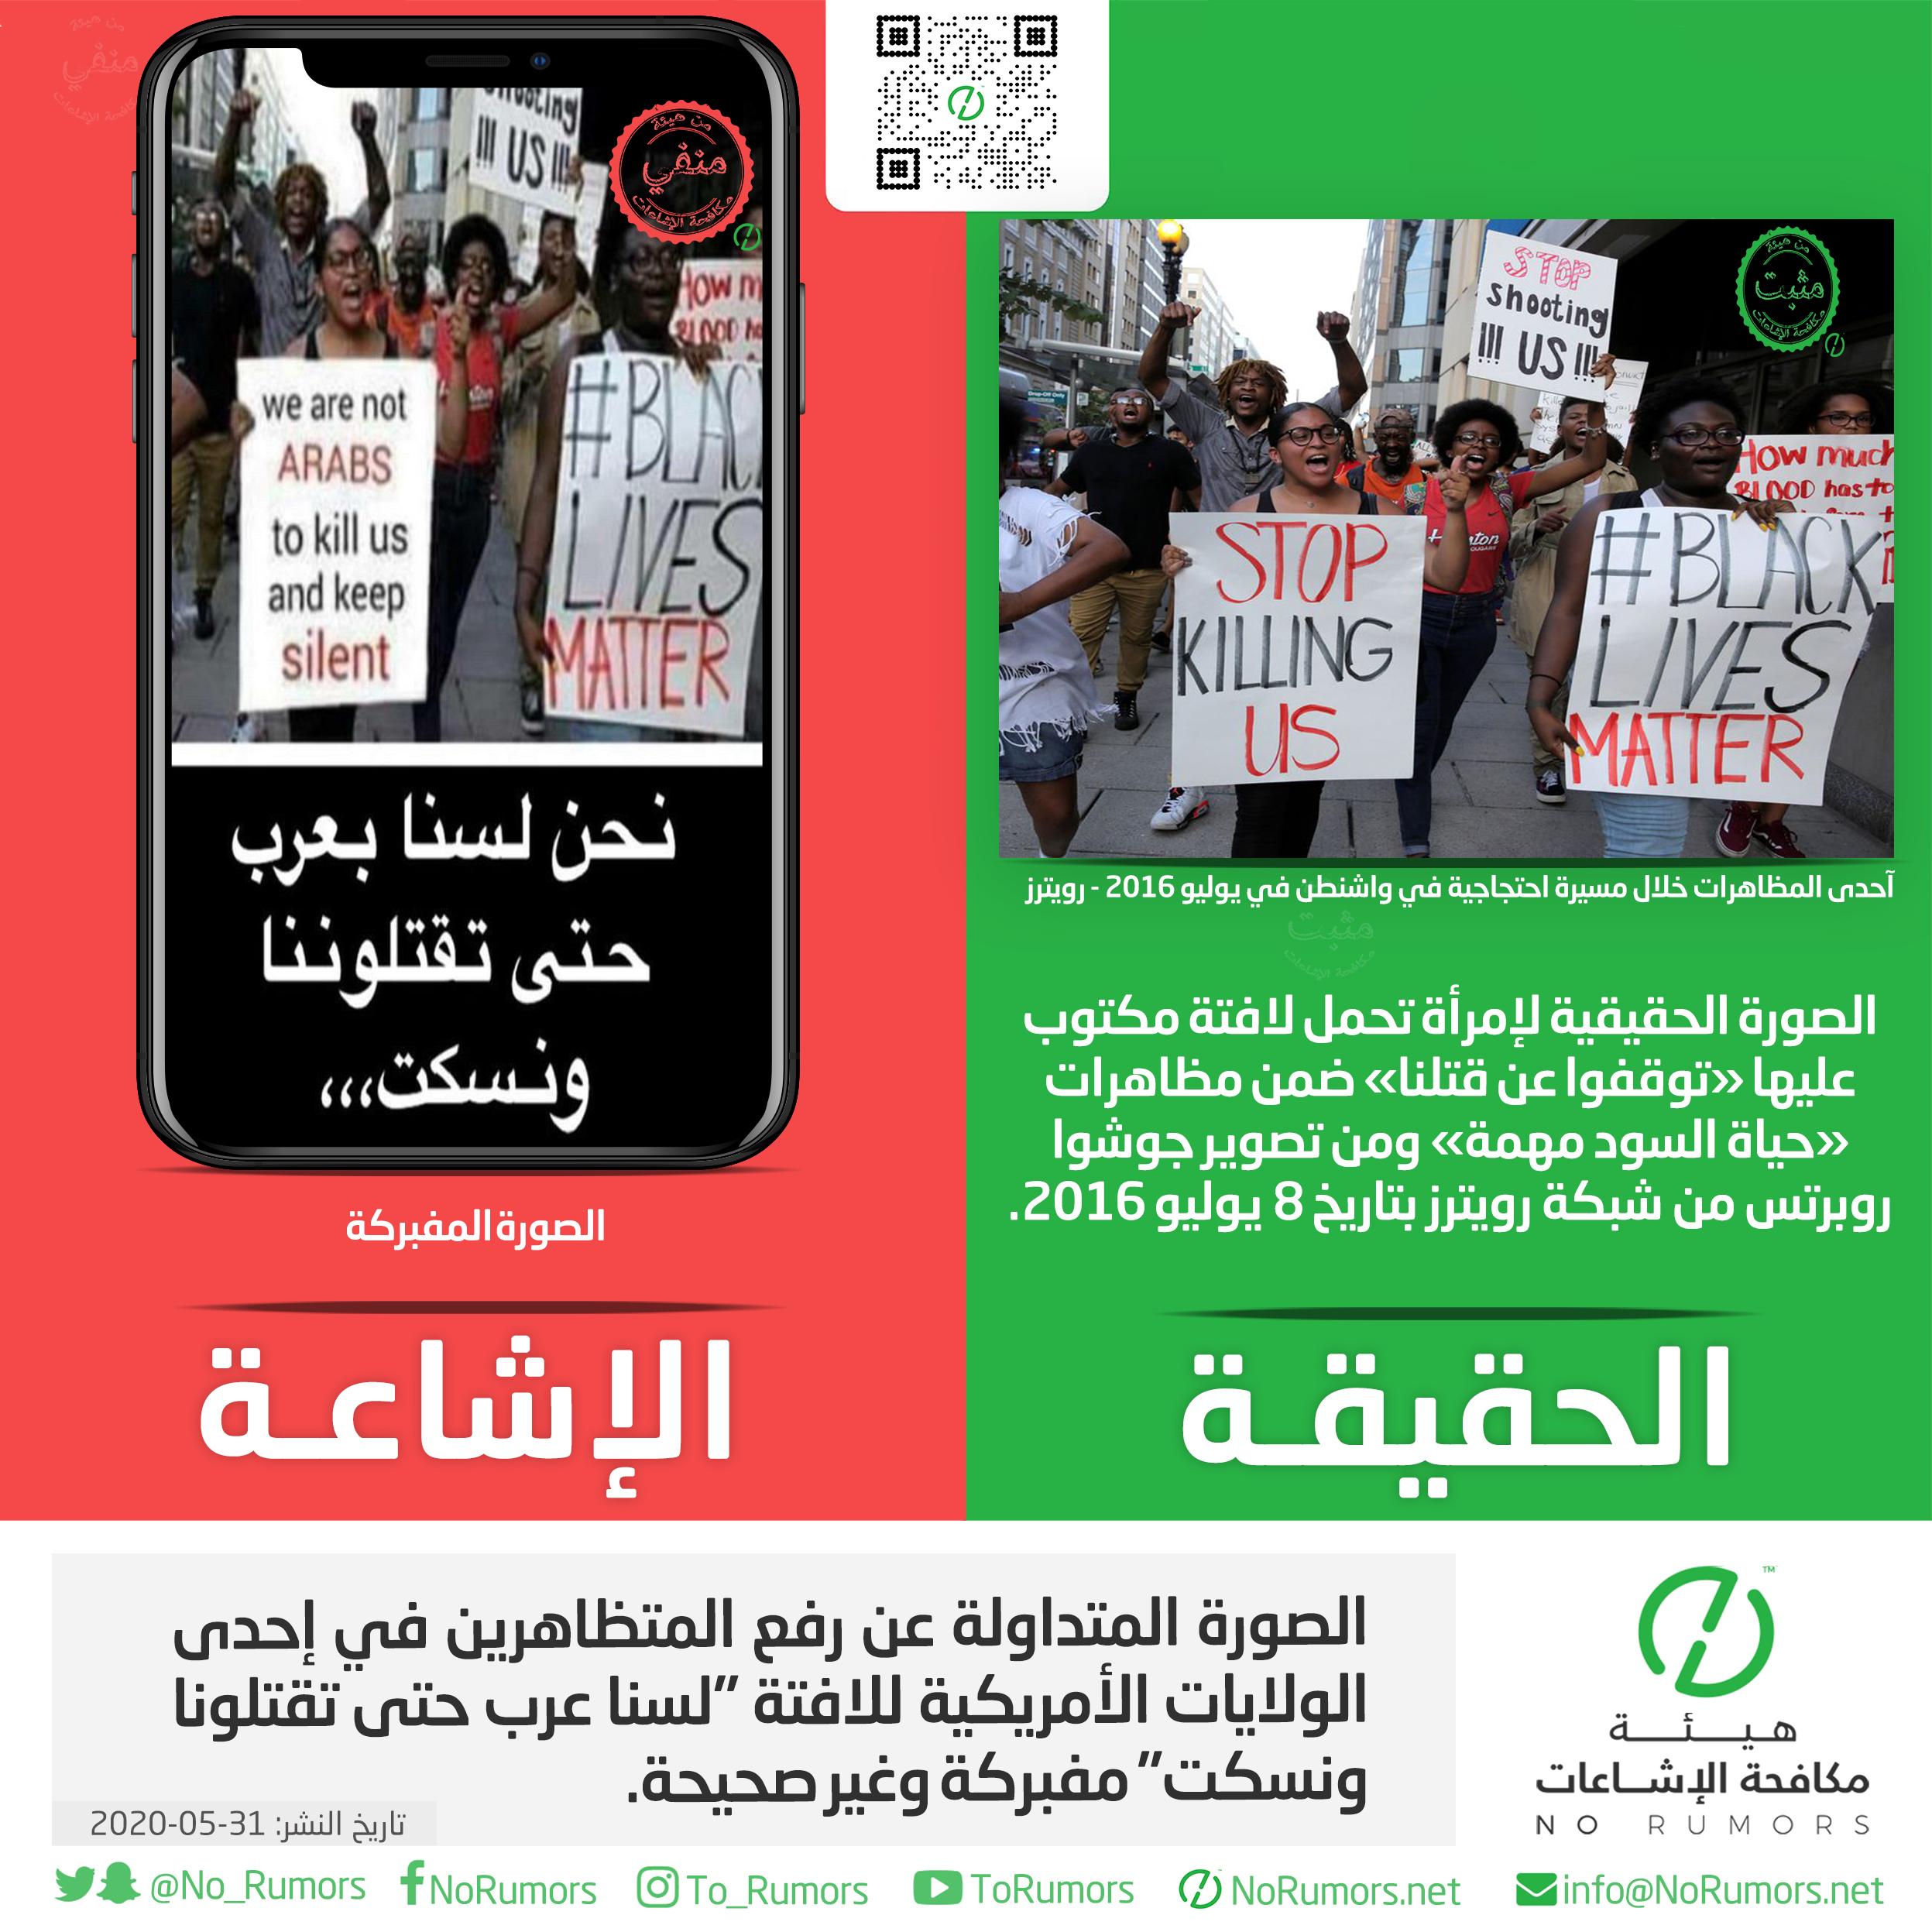 """حقيقة الصورة المتداولة عن رفع المتظاهرين في إحدى الولايات الأمريكية للافتة """"لسنا عرب حتى تقتلونا ونسكت"""""""